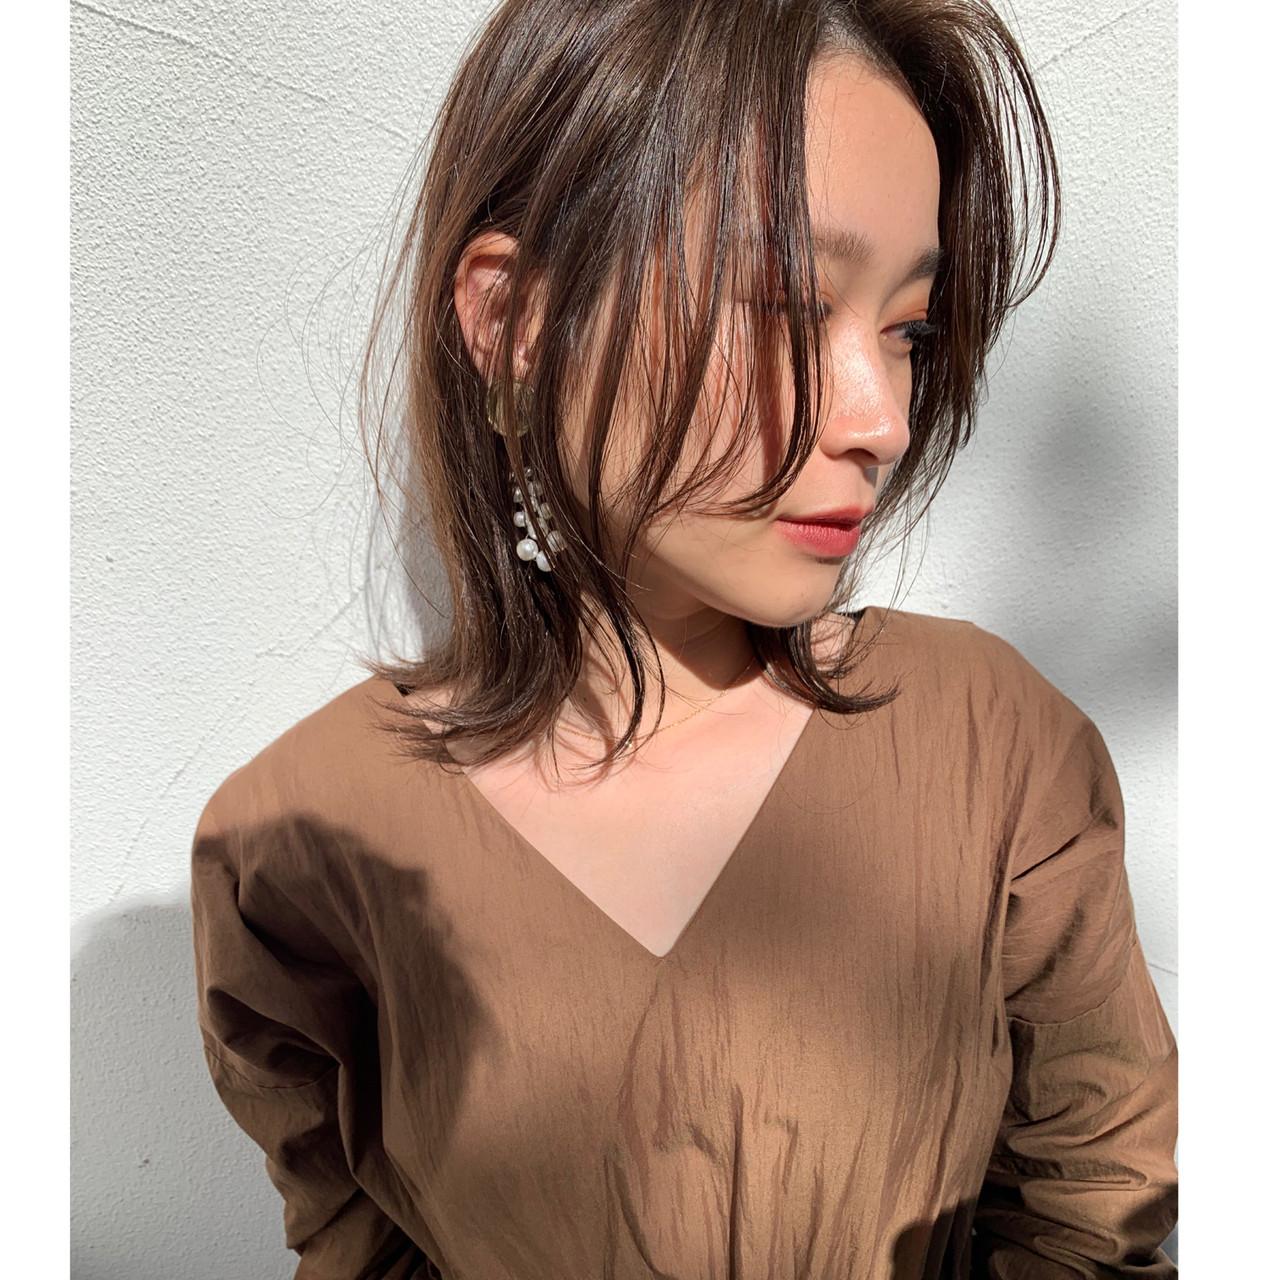 かき上げ前髪 アッシュグレージュ ミディアム グレージュ ヘアスタイルや髪型の写真・画像